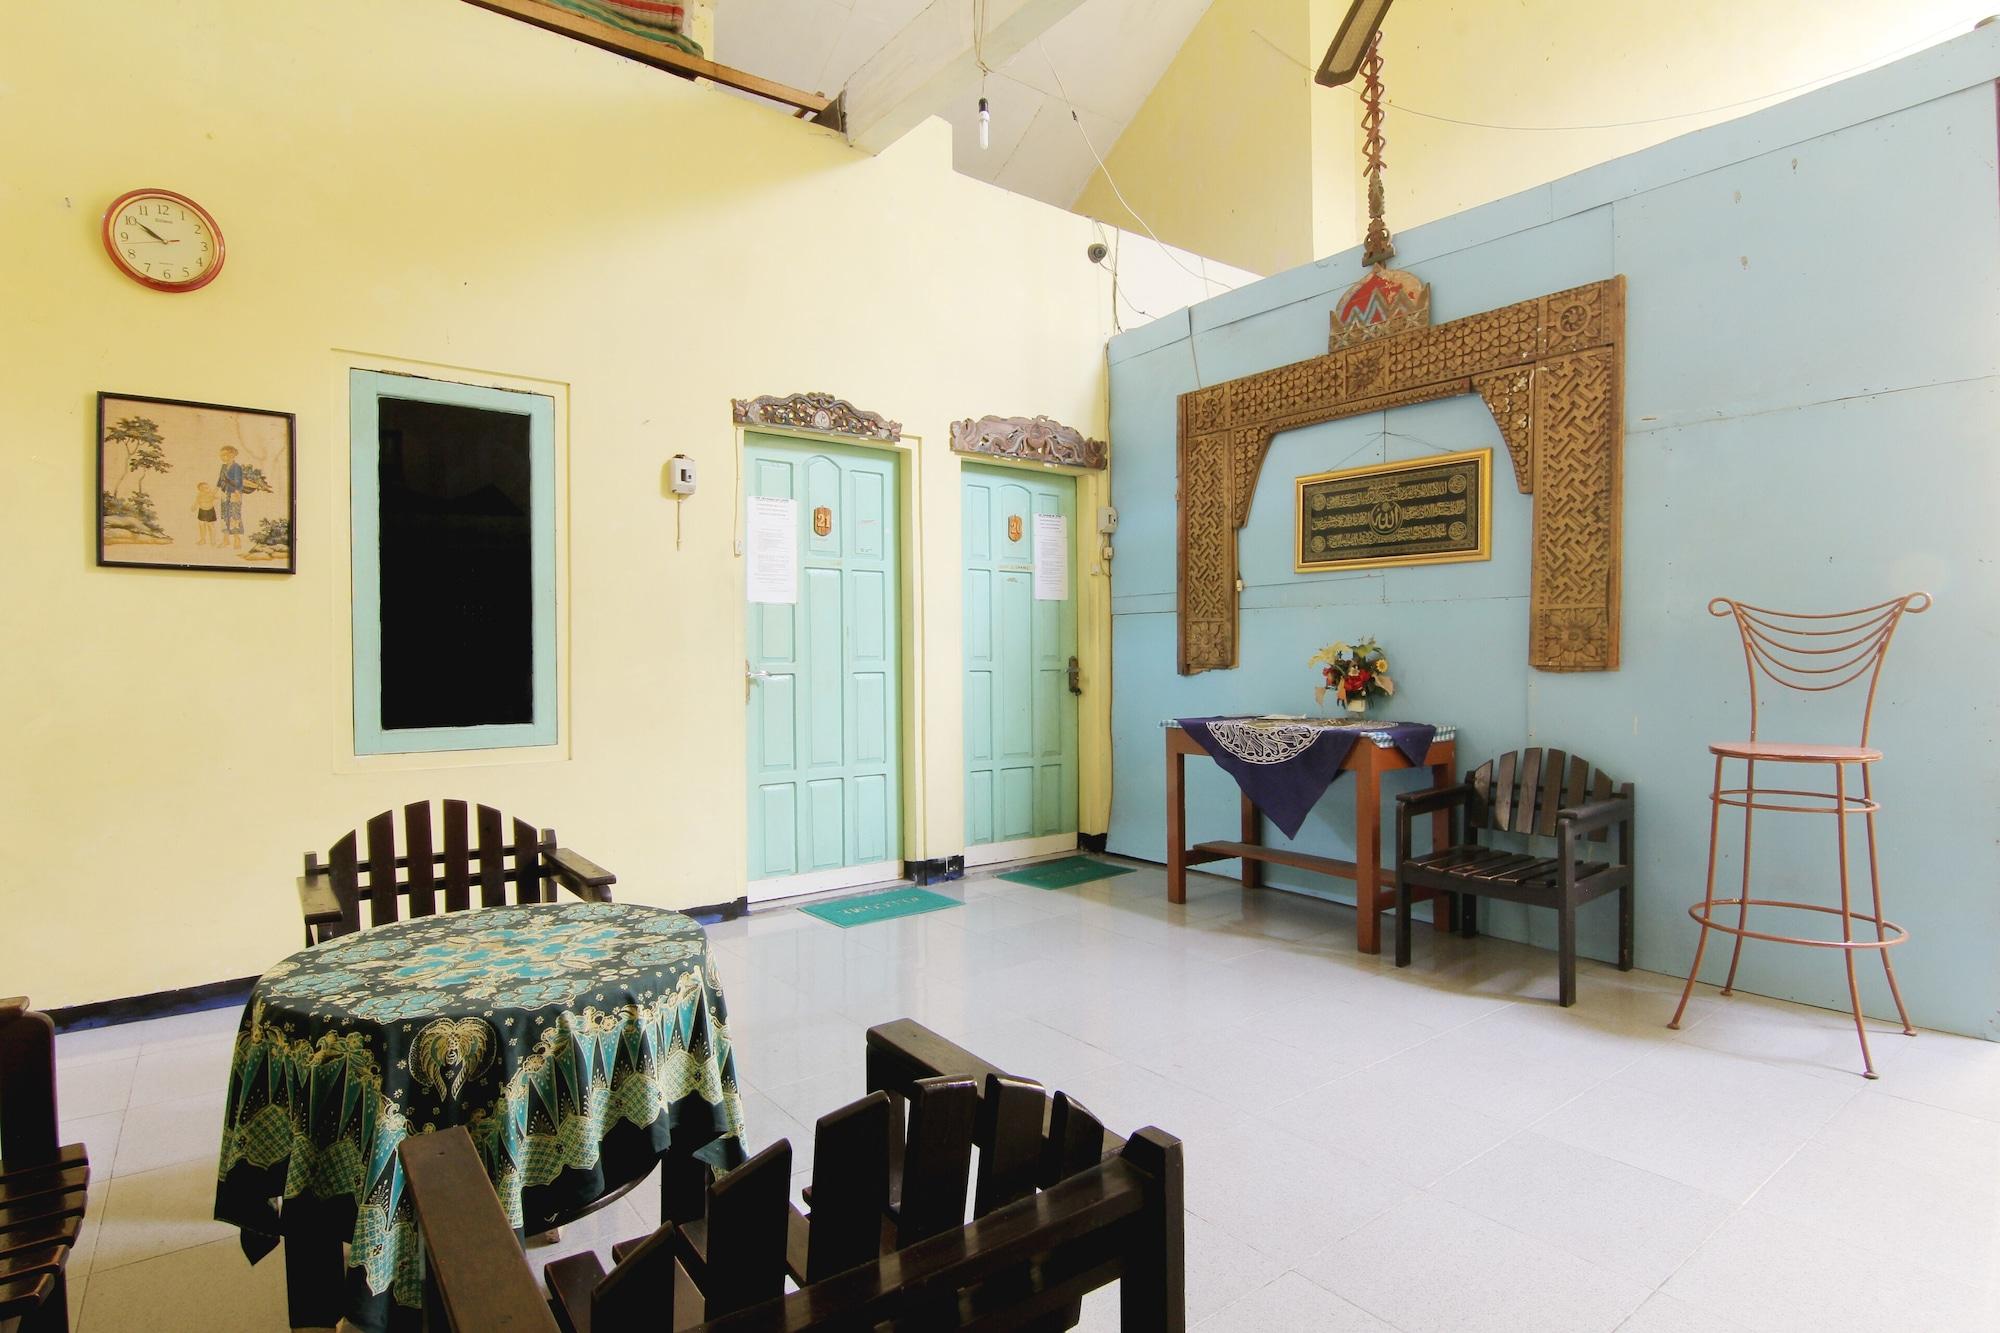 Hotel Harum, Yogyakarta